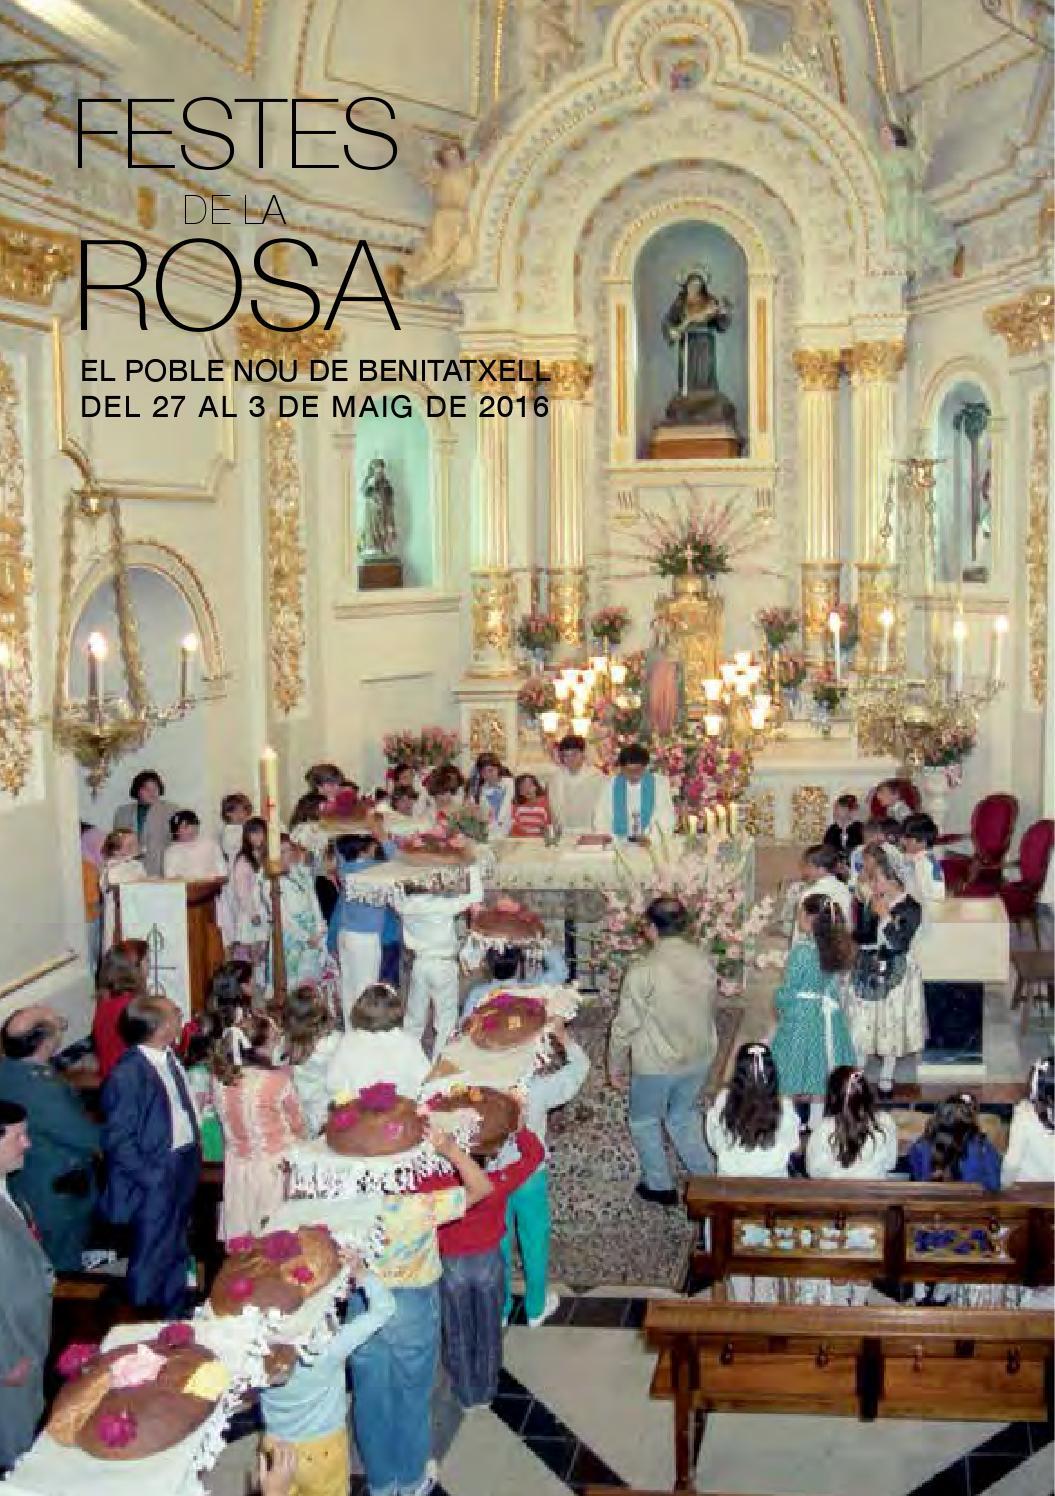 Festes De La Rosa 2016 By Ajuntament El Poble Nou De Benitatxell  # Muebles Ortola Teulada